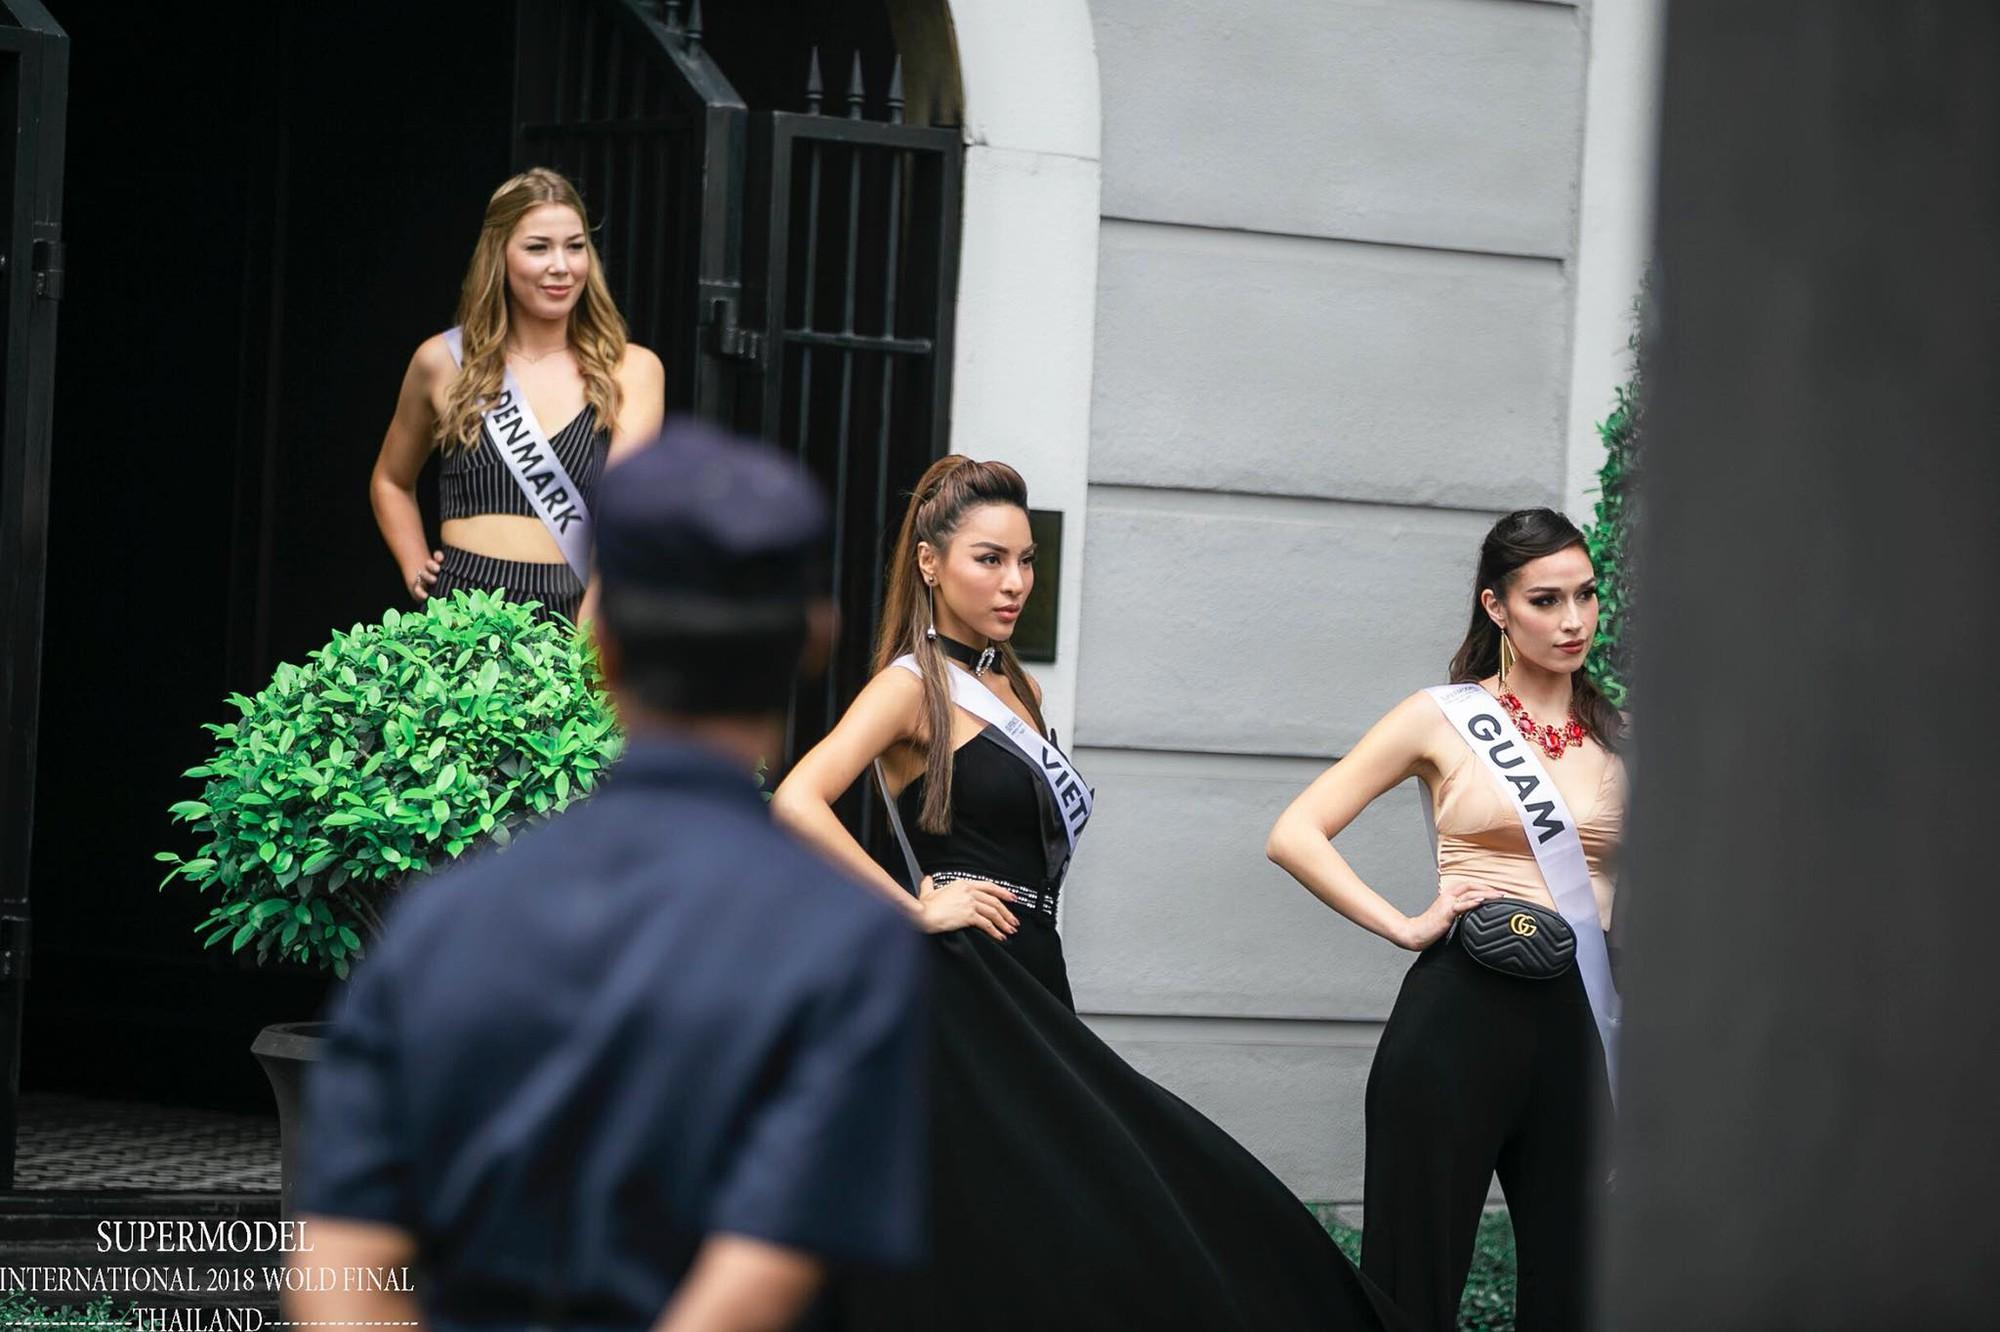 Đại diện Việt Nam - Khả Trang giành quán quân Siêu mẫu quốc tế 2018 - Ảnh 3.